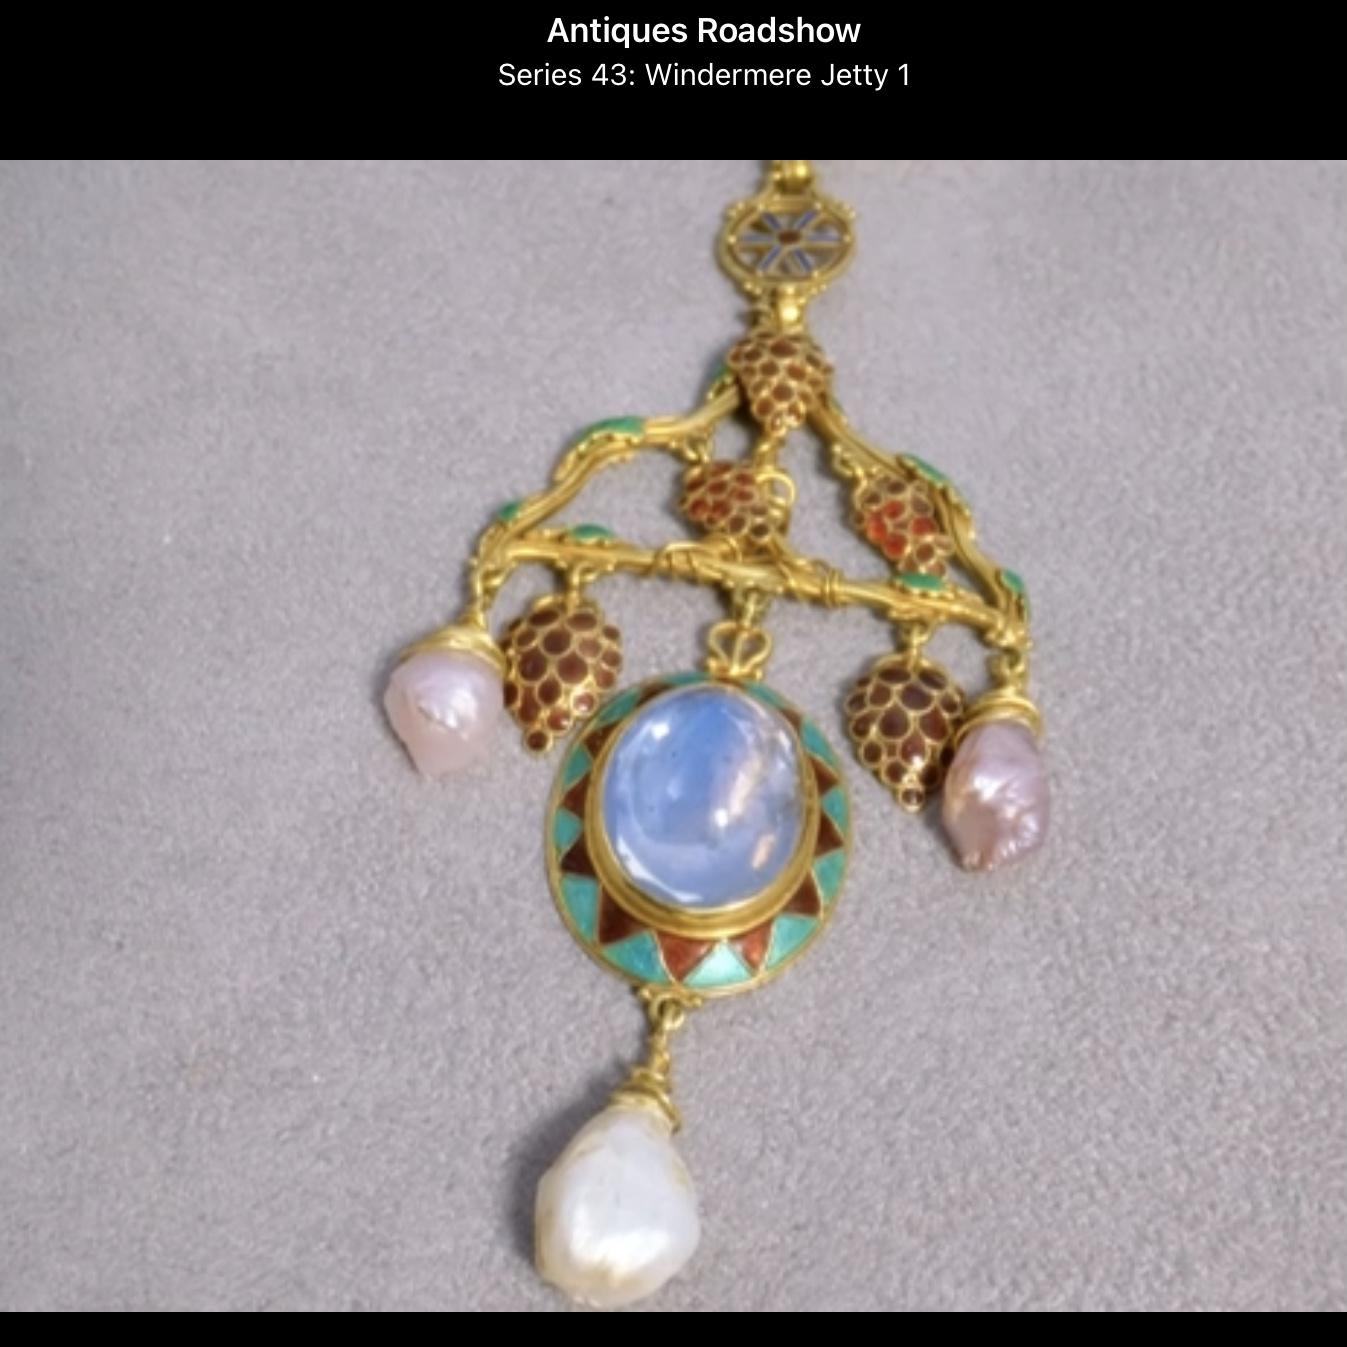 Antiques Roadshow gems